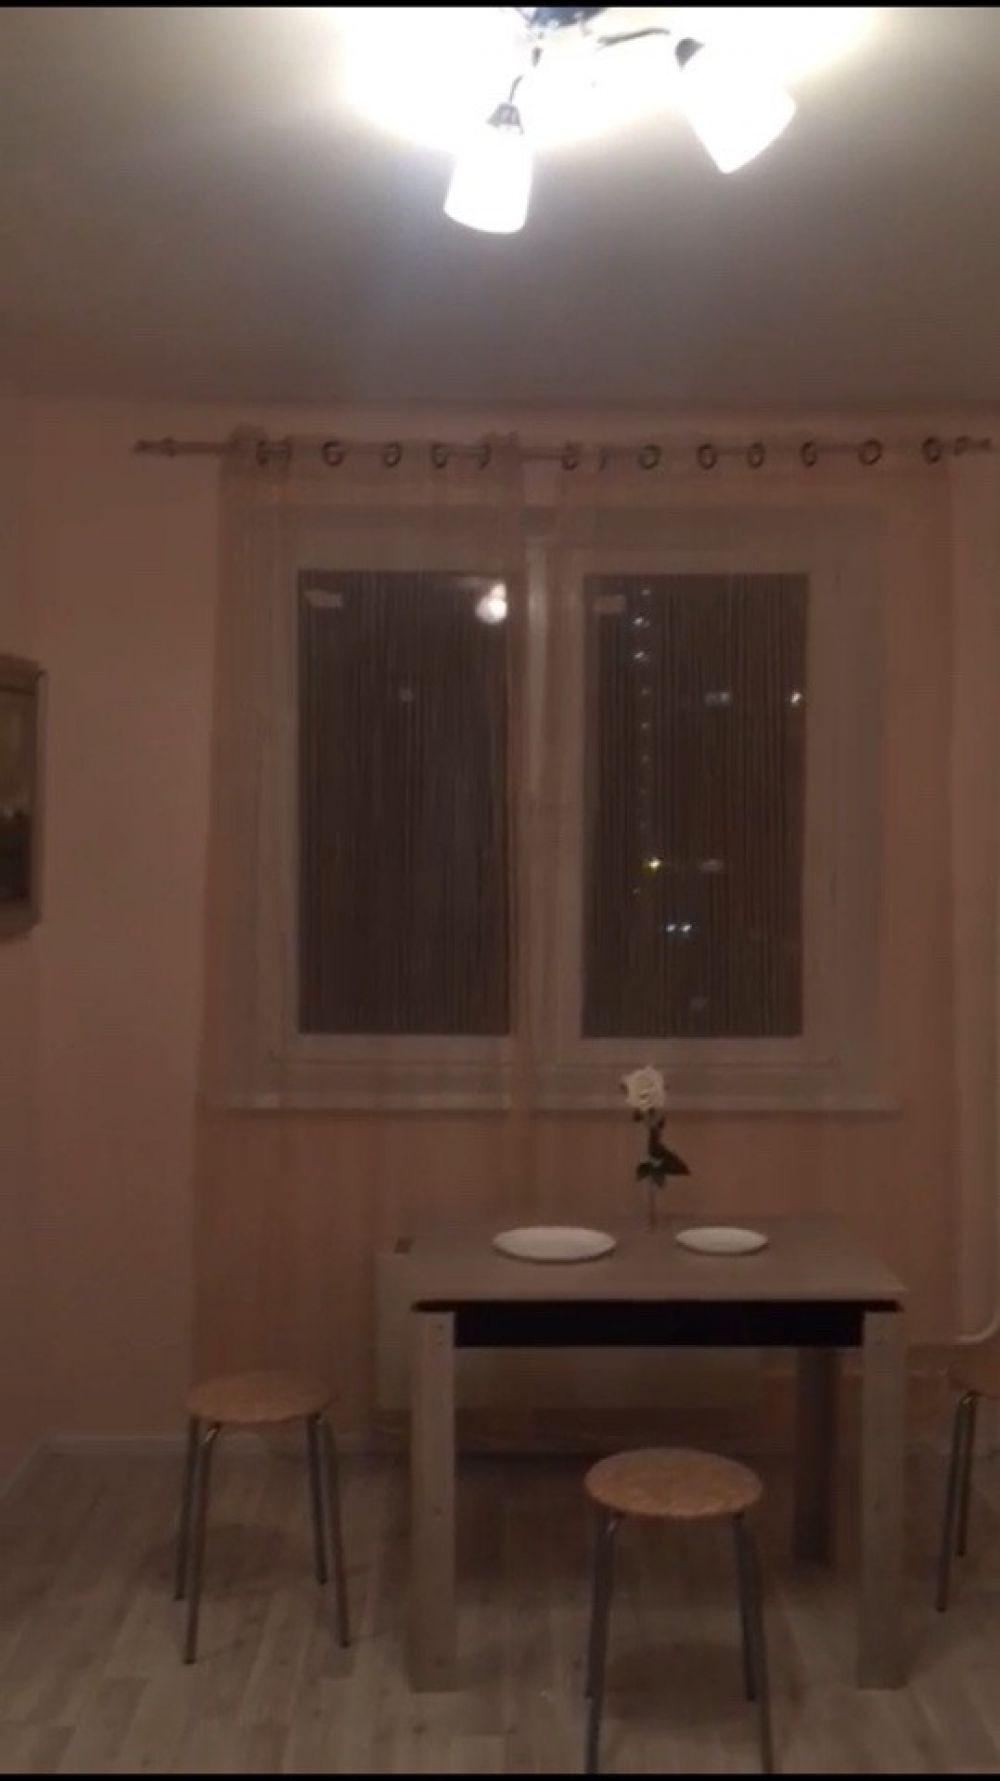 Однокомнатная квартира Московская область п.Свердловский ЖК Лукино-Варино ул.Строителей д. 6, фото 5